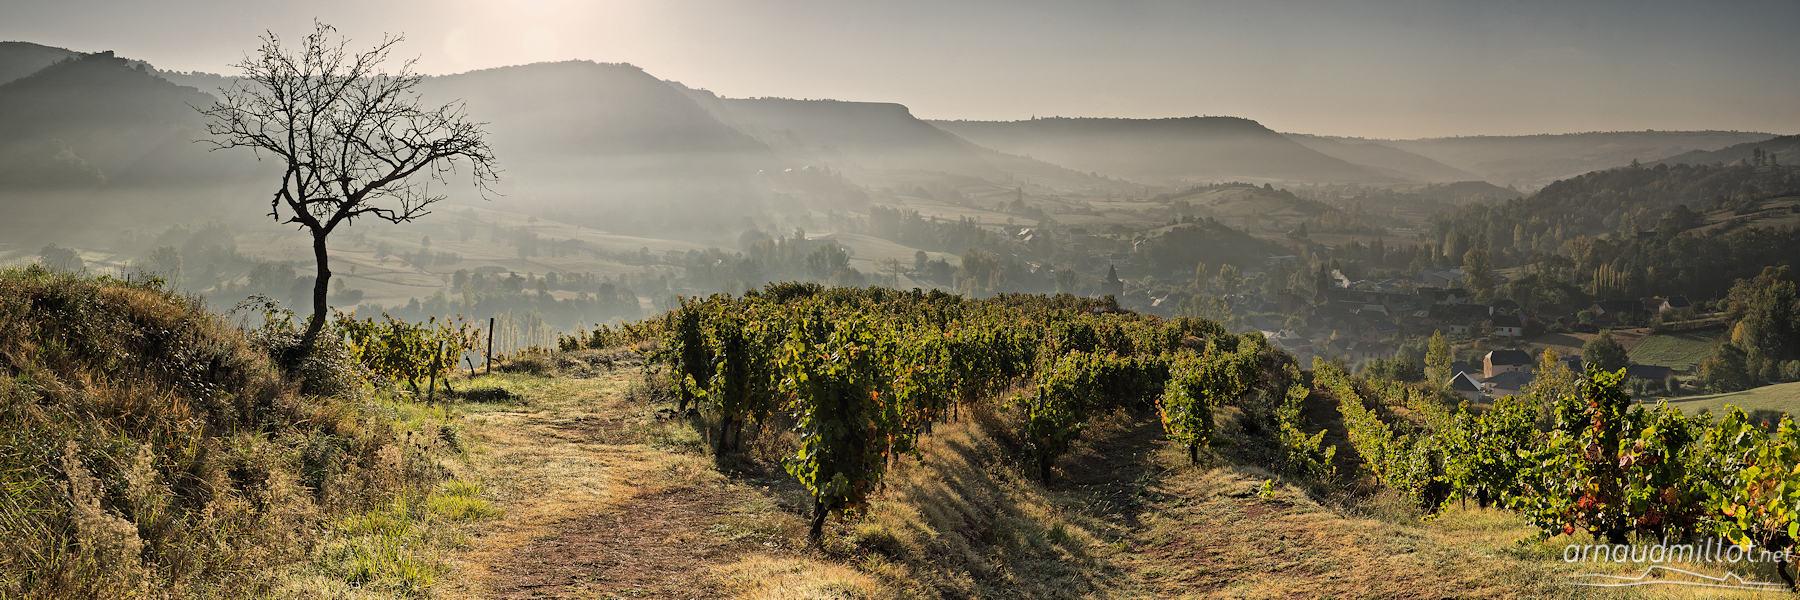 Au dessus de Clairvaux, Aveyron, Octobre